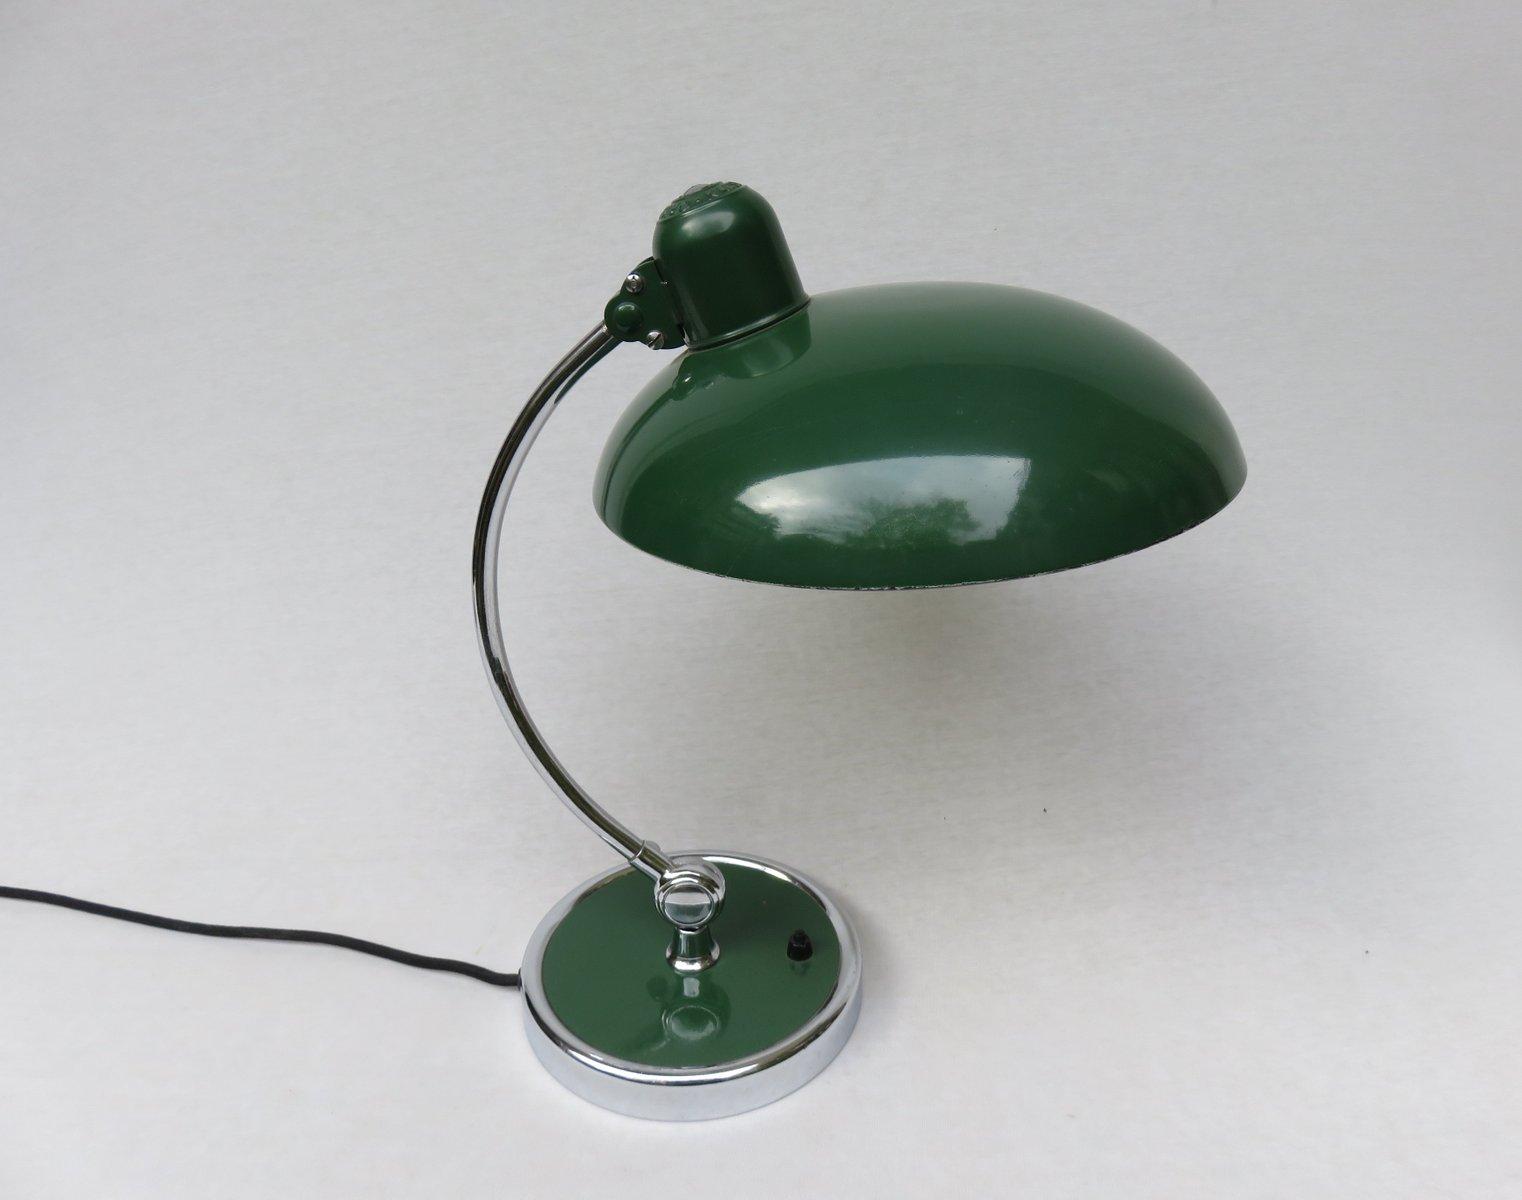 lampe de bureau president verte par christian dell pour kaiser idell 1930s en vente sur pamono. Black Bedroom Furniture Sets. Home Design Ideas